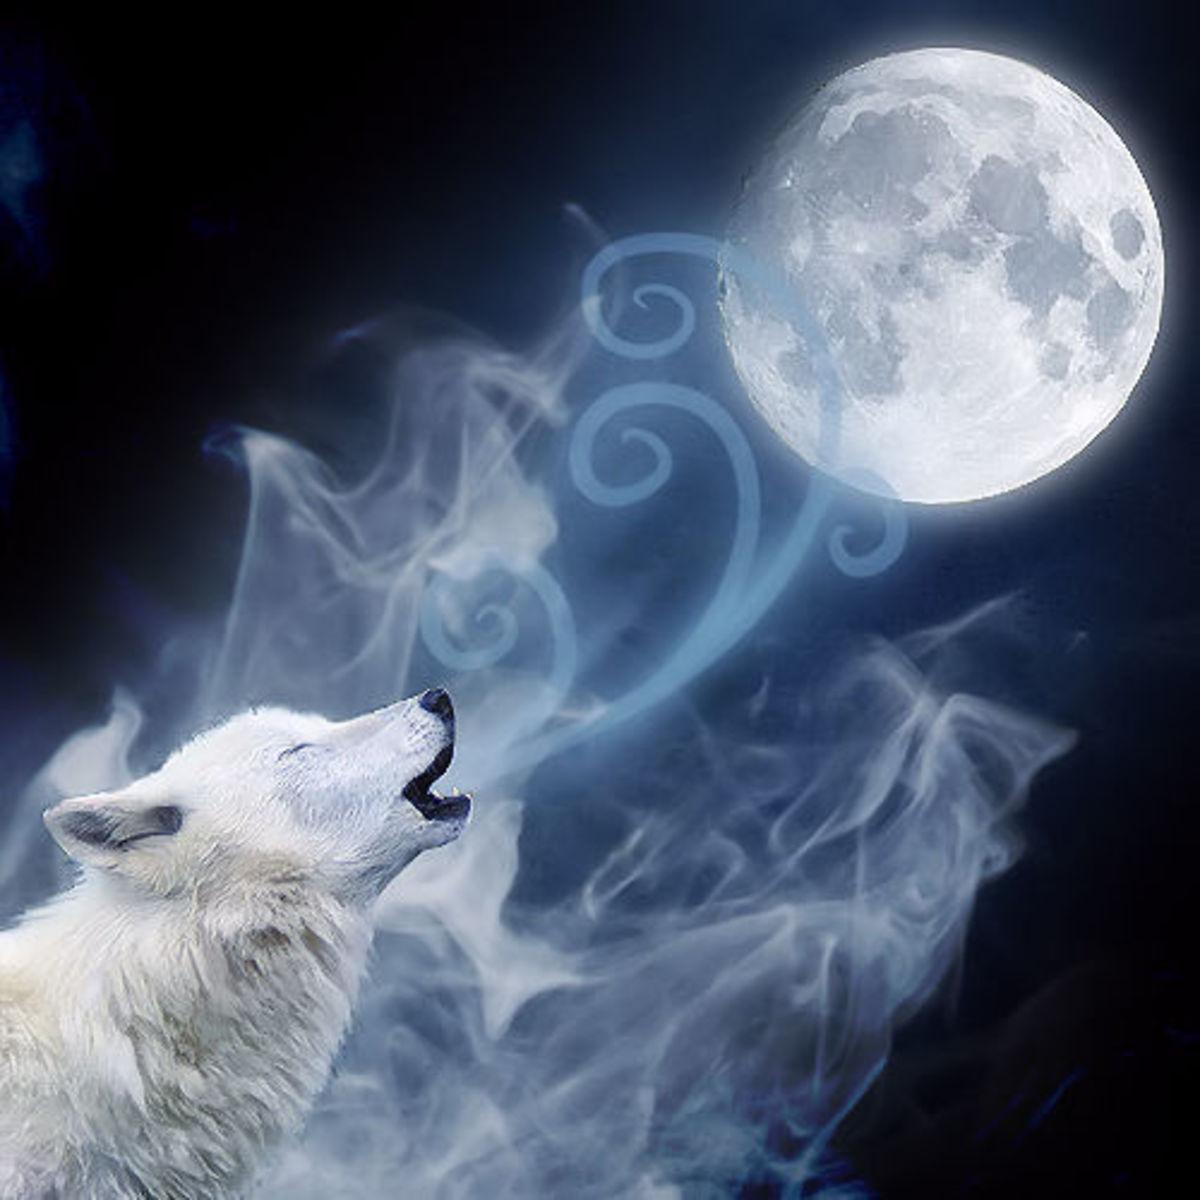 The Spirit of дух волка, Adimarö